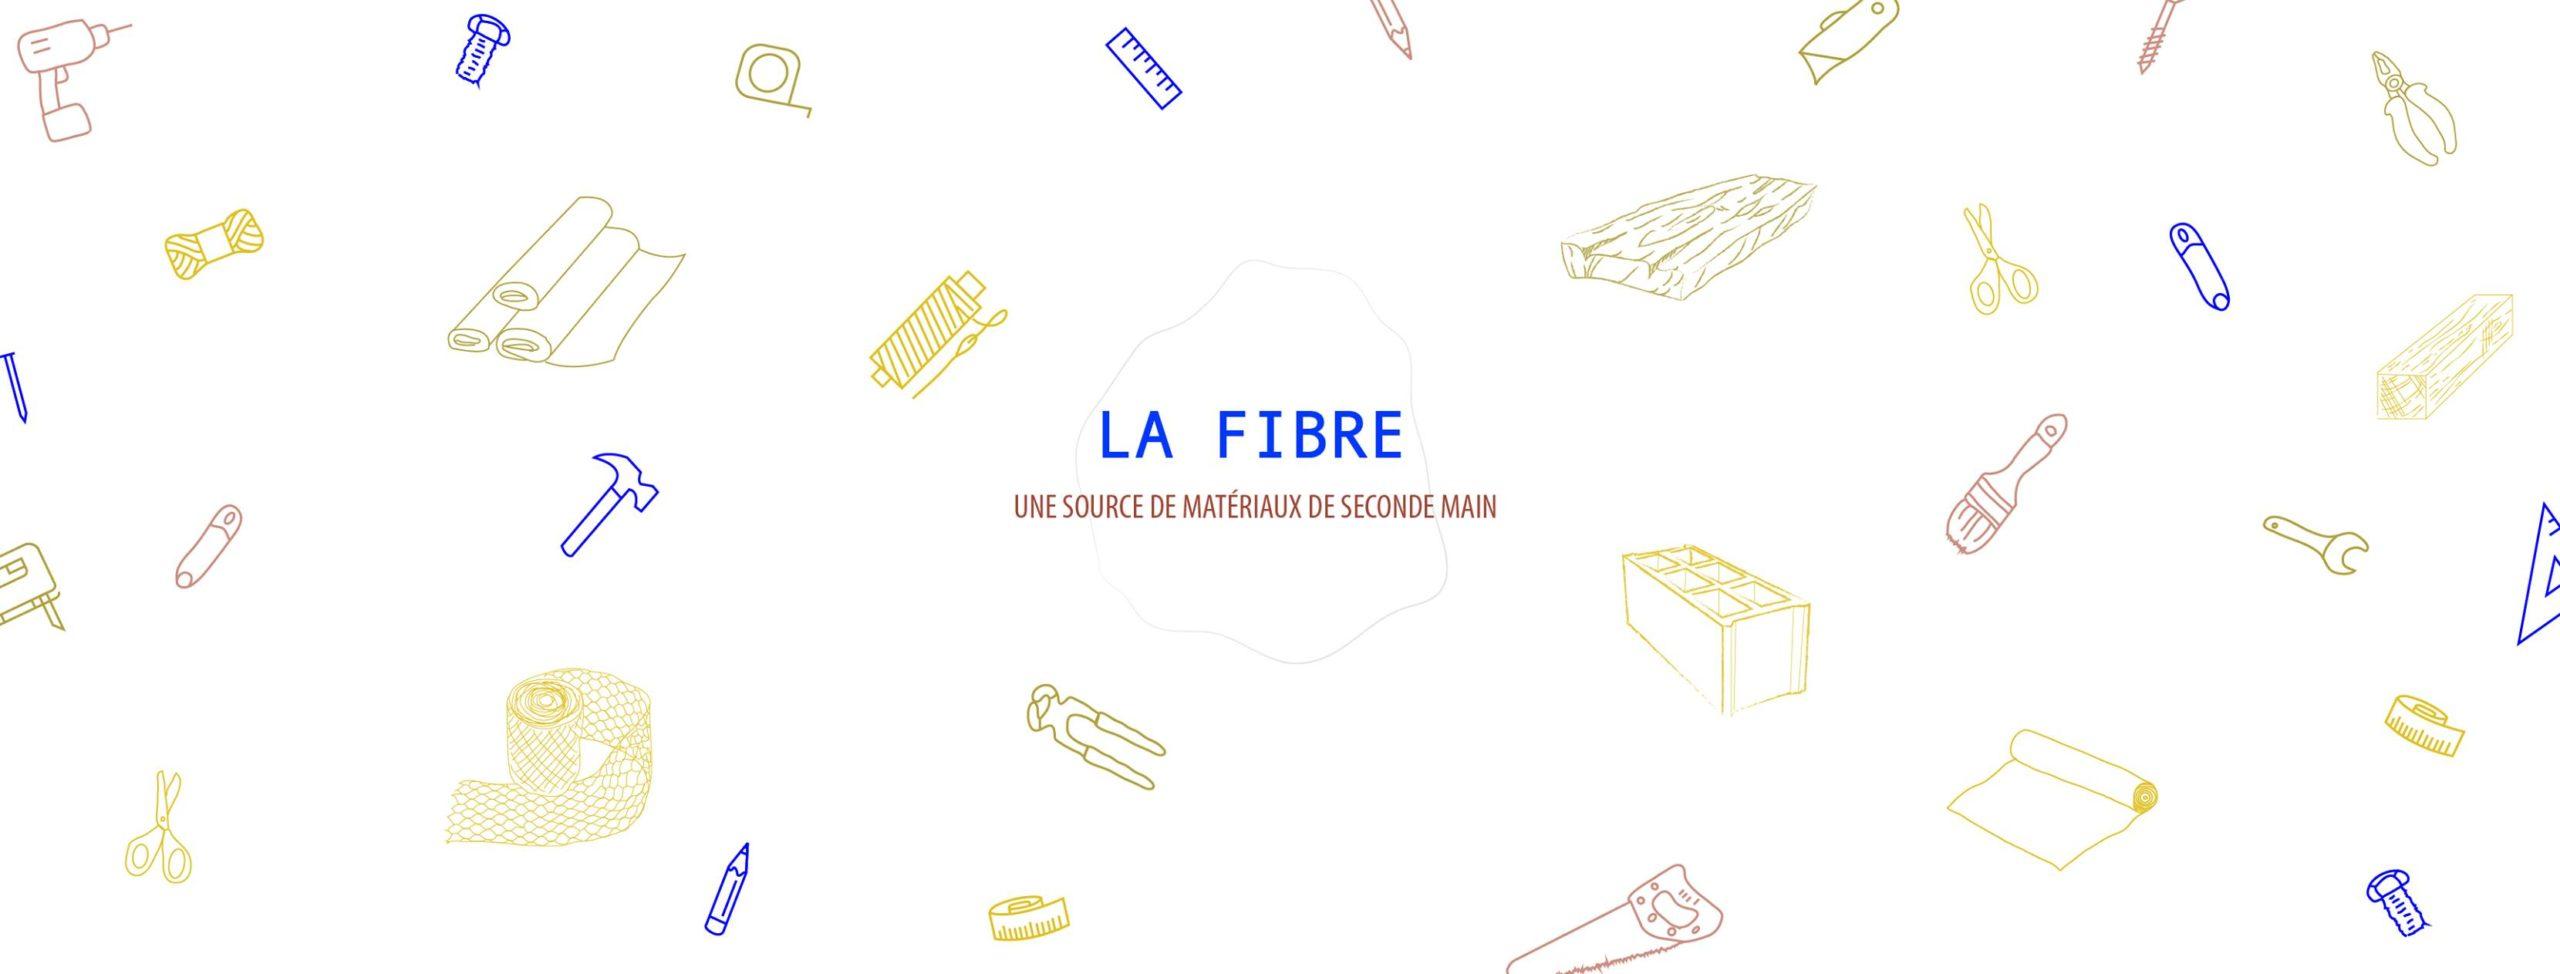 fluxus-projet-la-fibre-banniere